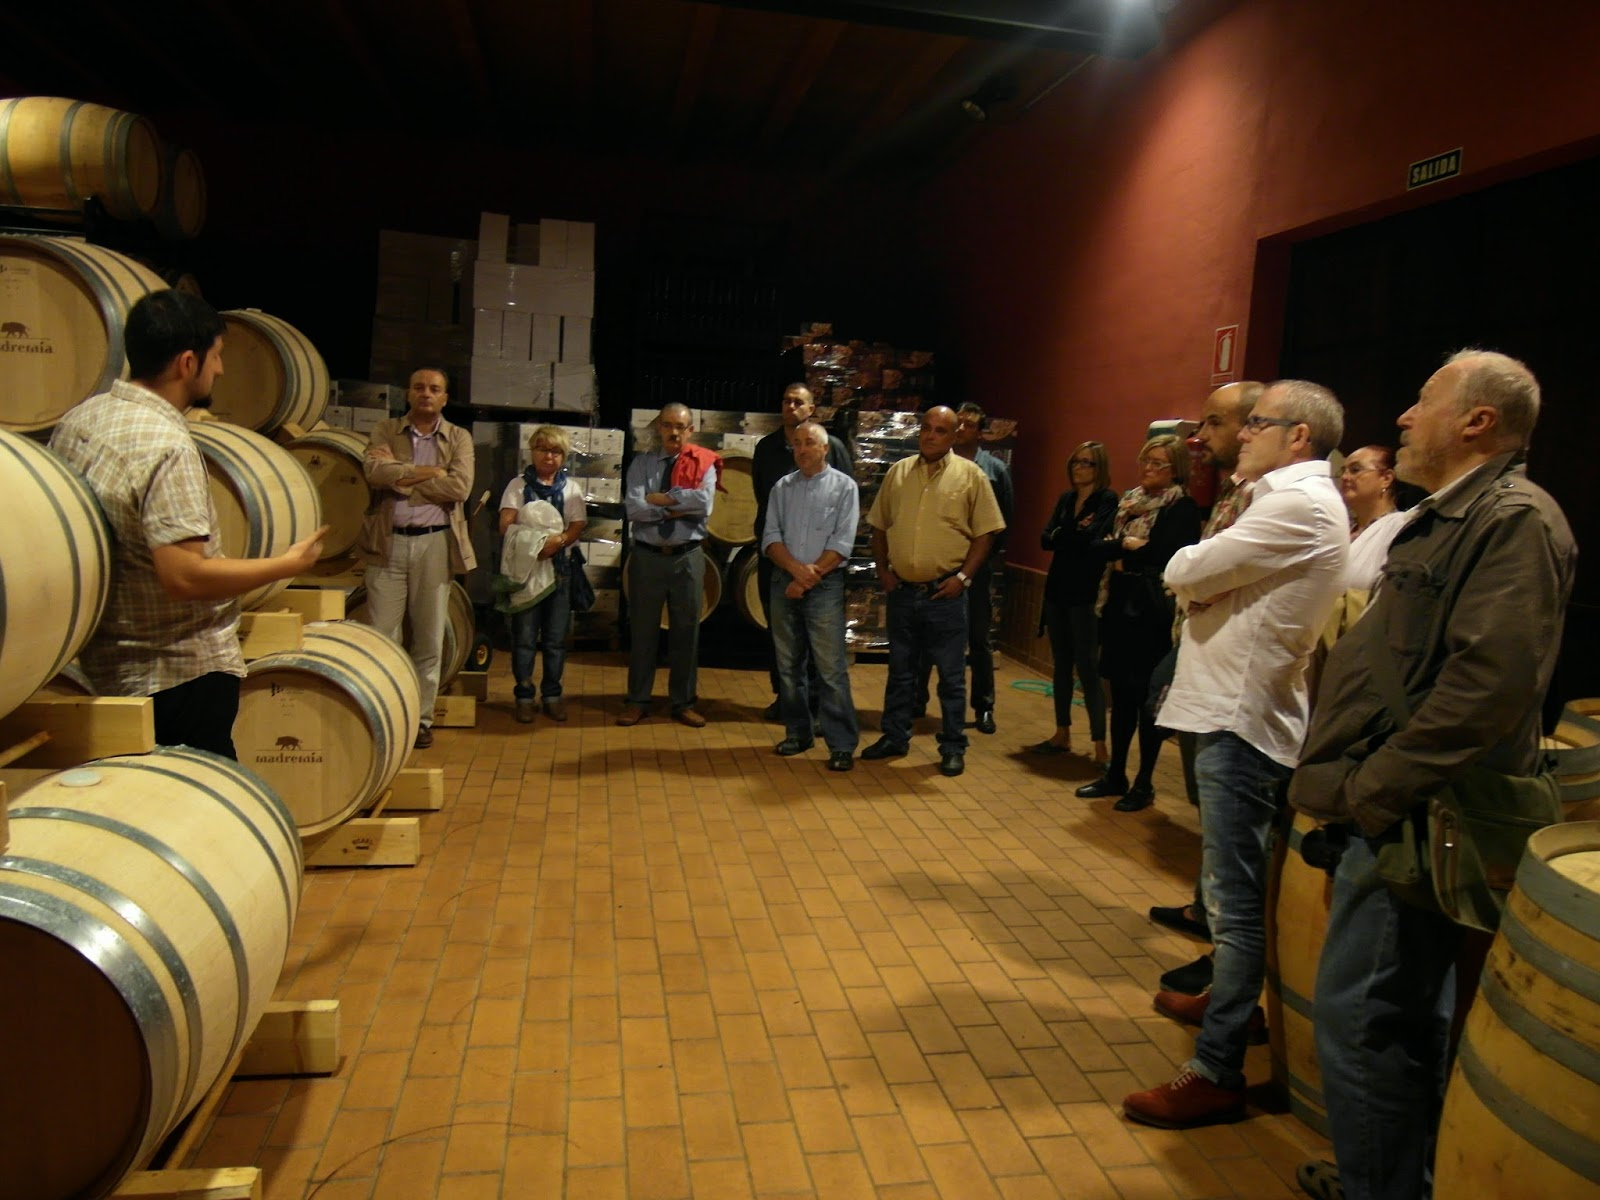 Asociacion De Sumilleres De Zamora Visita Bodega Divina Proporcion